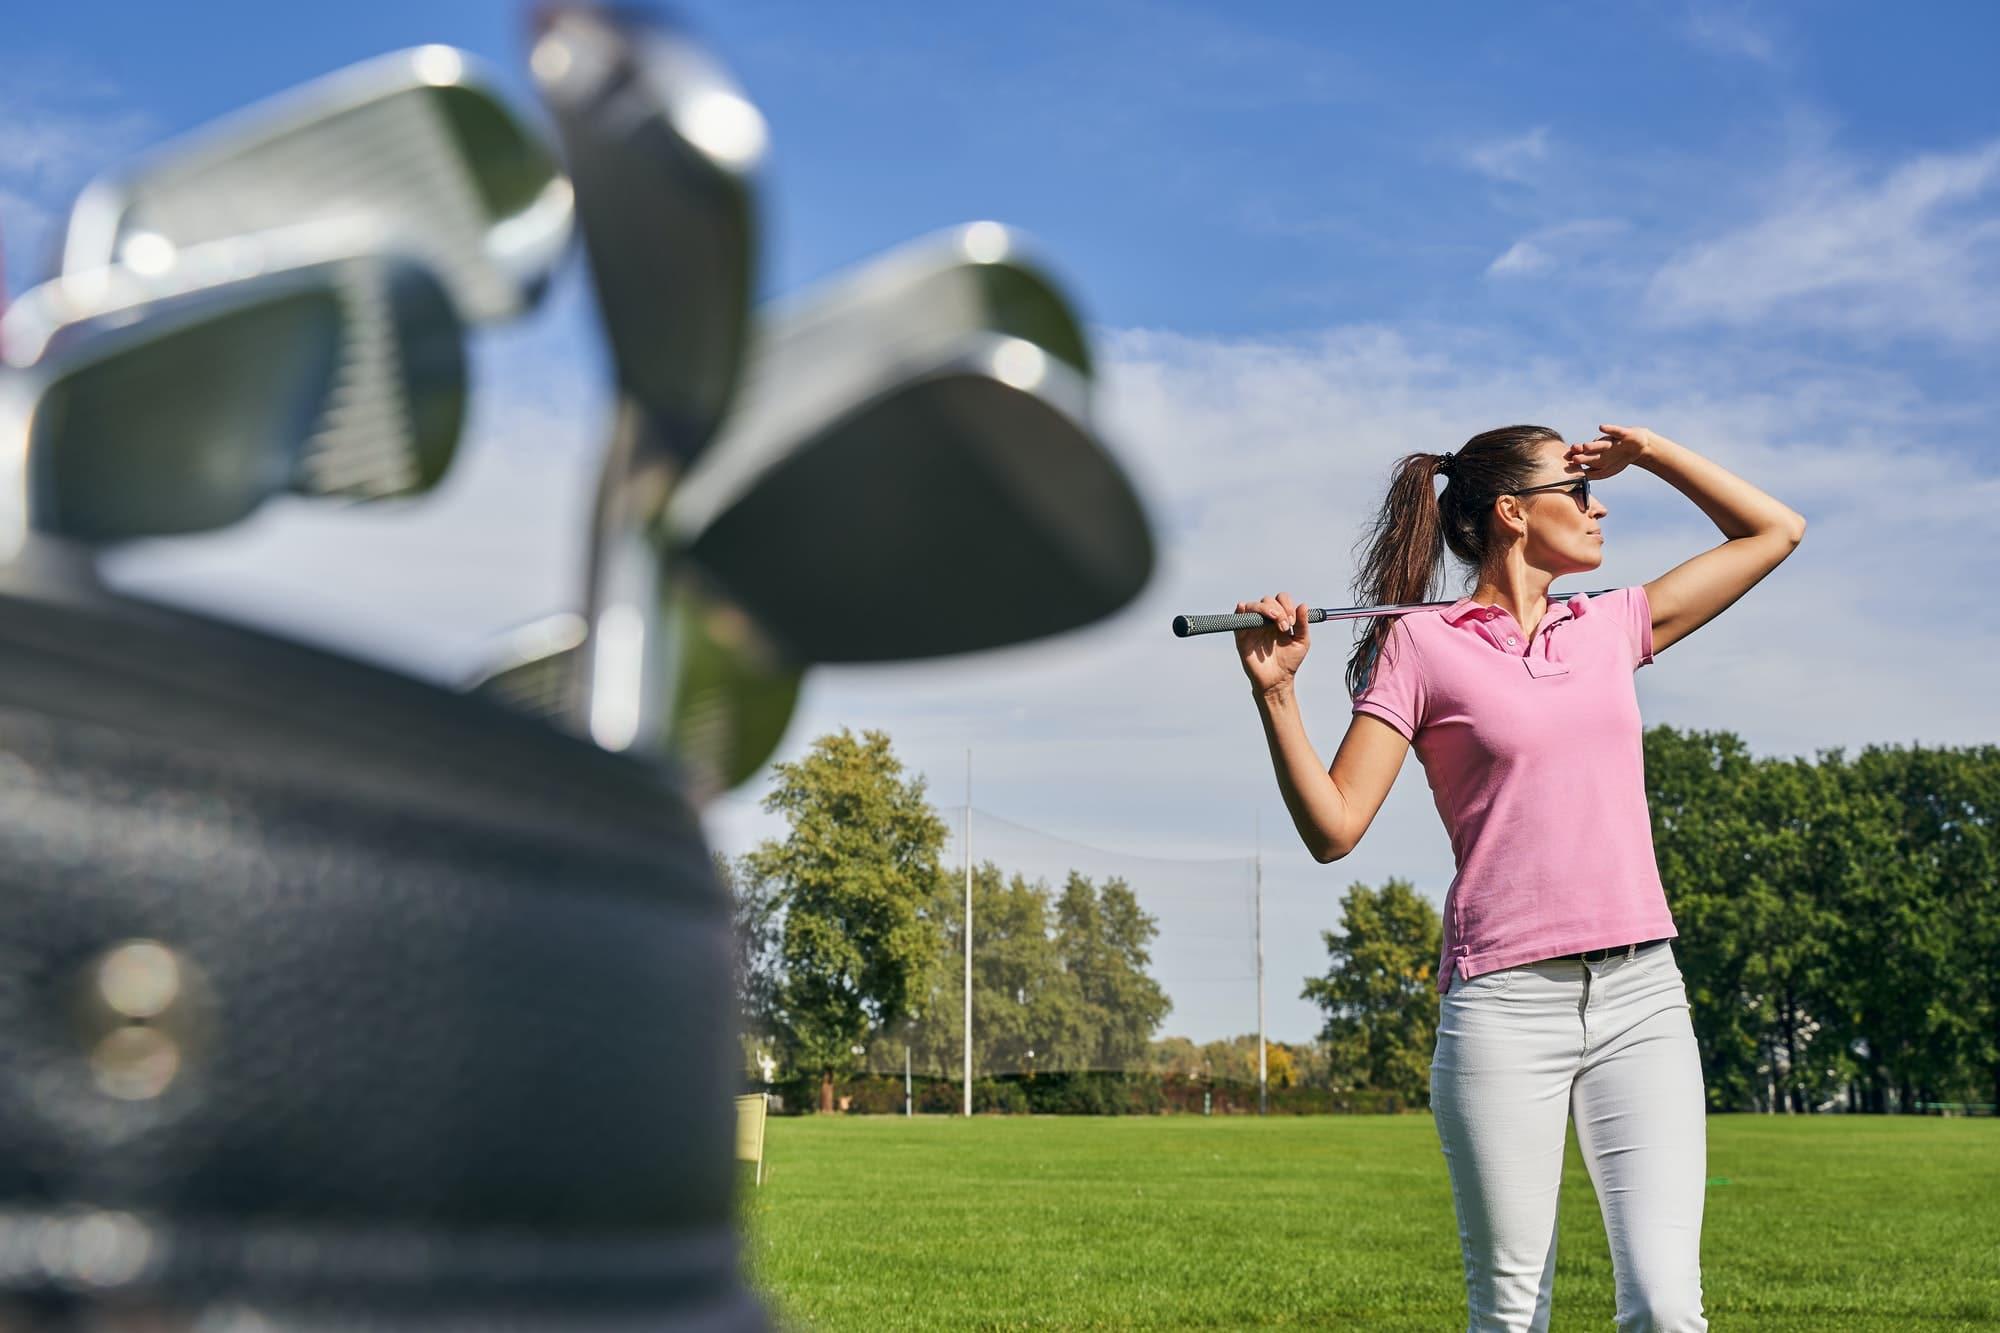 Länge der Drives beim Golf